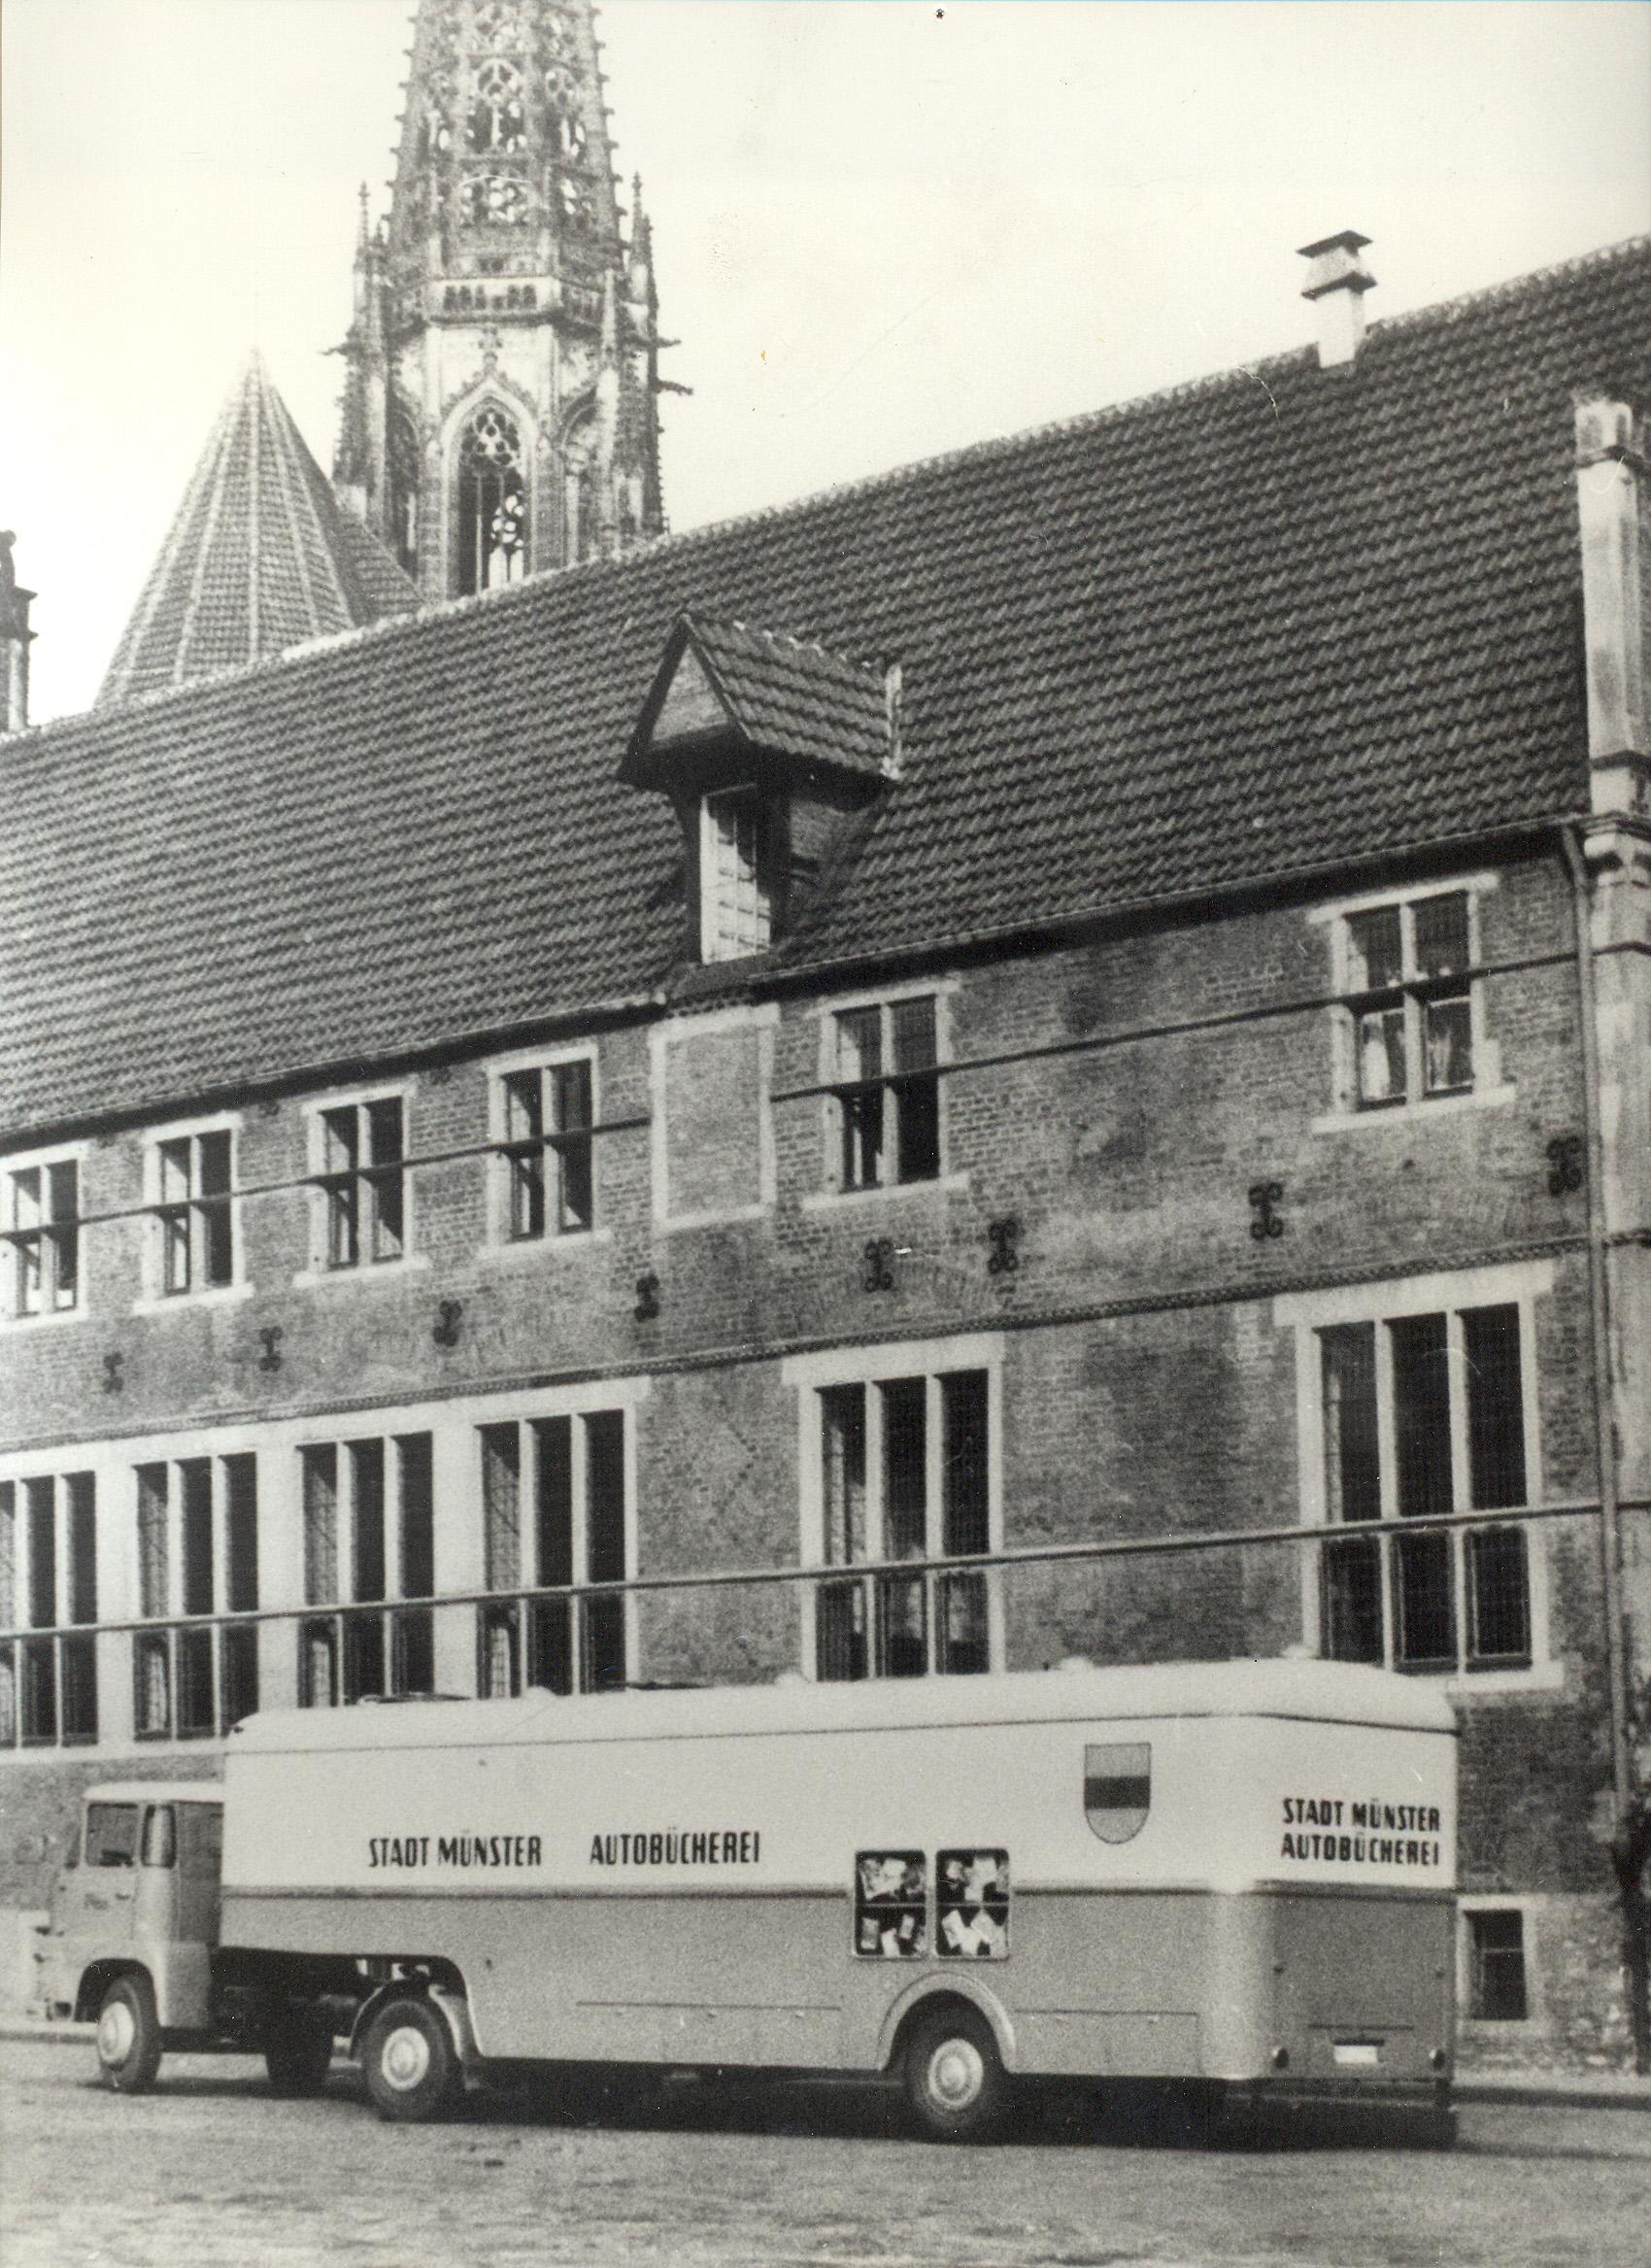 Rückblende auf 1961: Dieser Sattelschlepper ersetzte den alten Amerika-Bücherbus. Er steuert damals 13 Haltestellen an. Foto: Stadt Münster